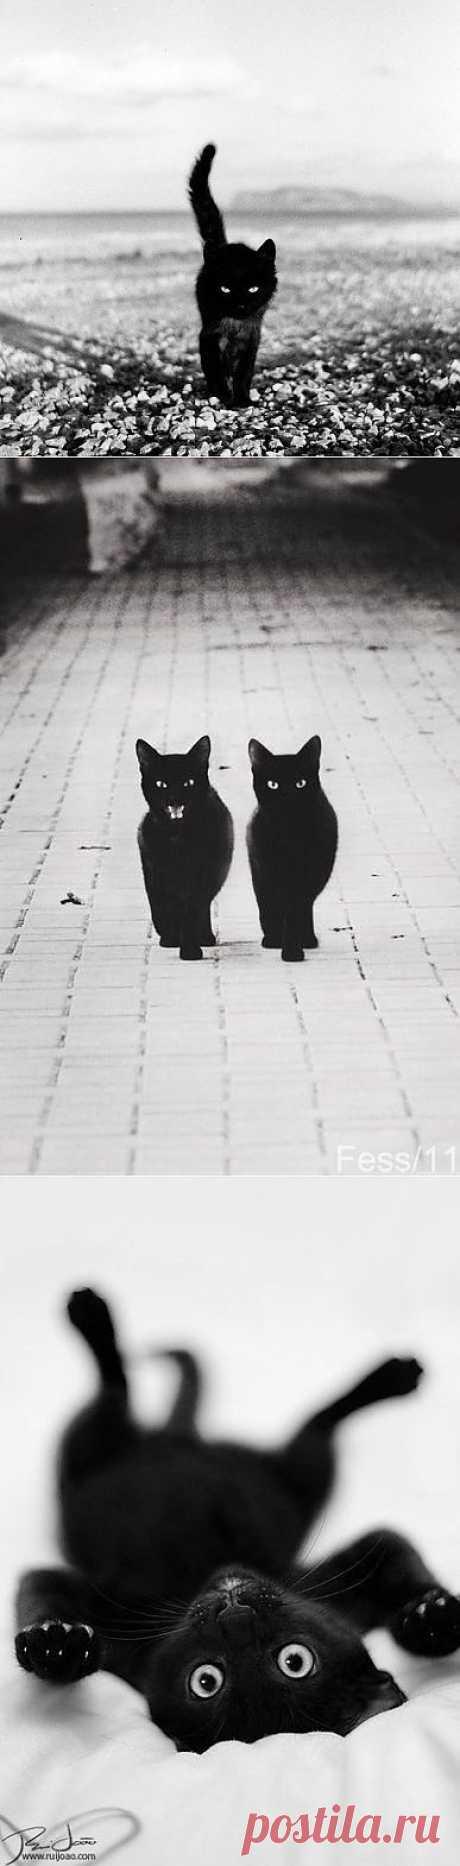 Жил да был черный кот за углом...